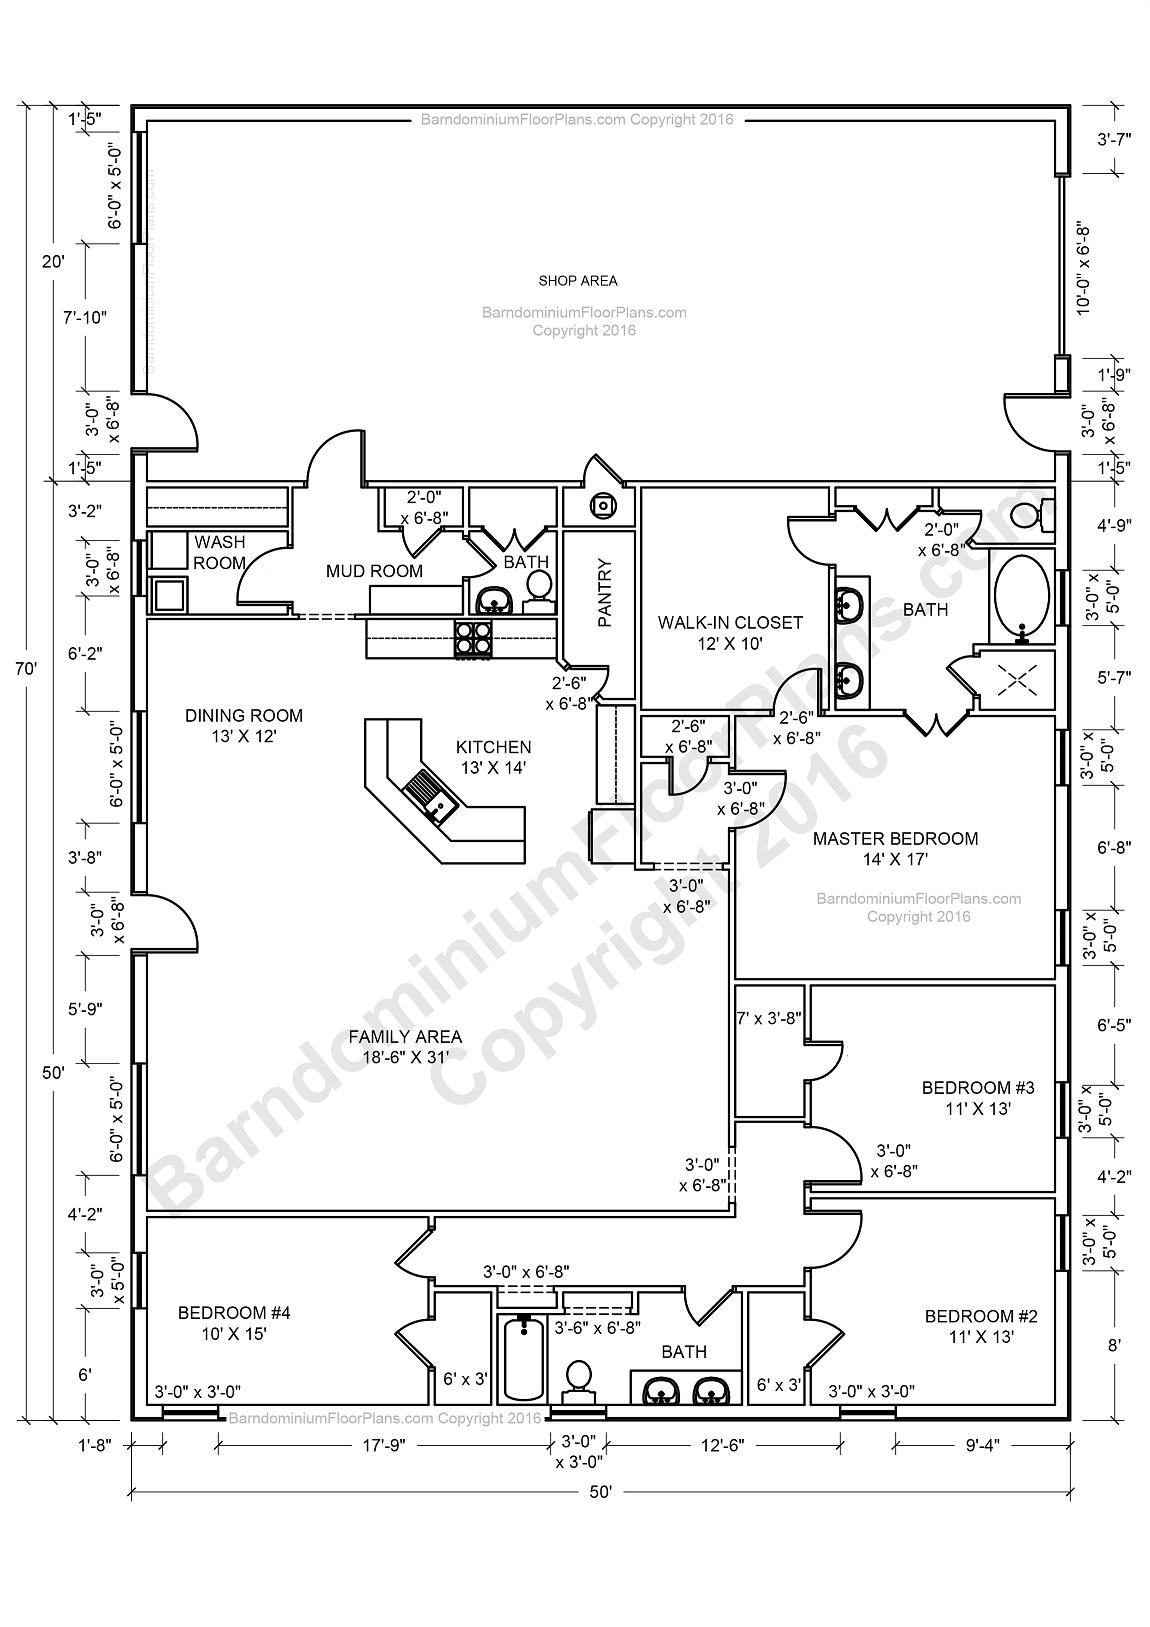 barndominium floor plans barndominium floor plans 1 800 691 8311 [ 1150 x 1627 Pixel ]